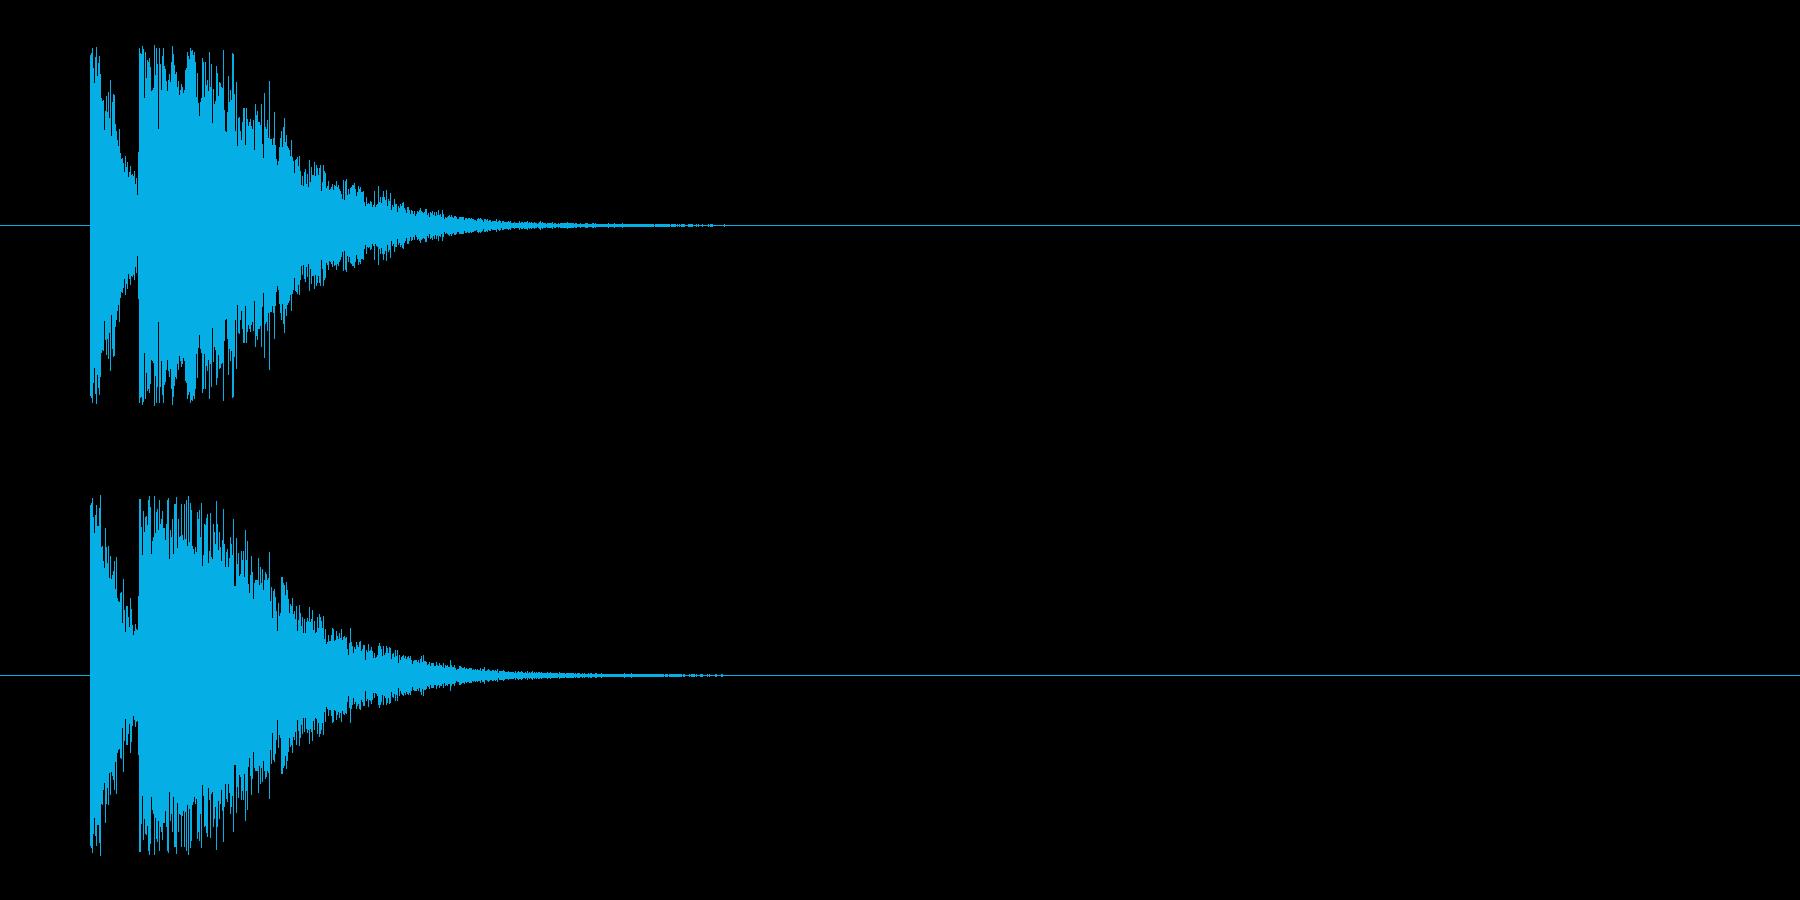 ビームライフル2★リバーブ有の再生済みの波形